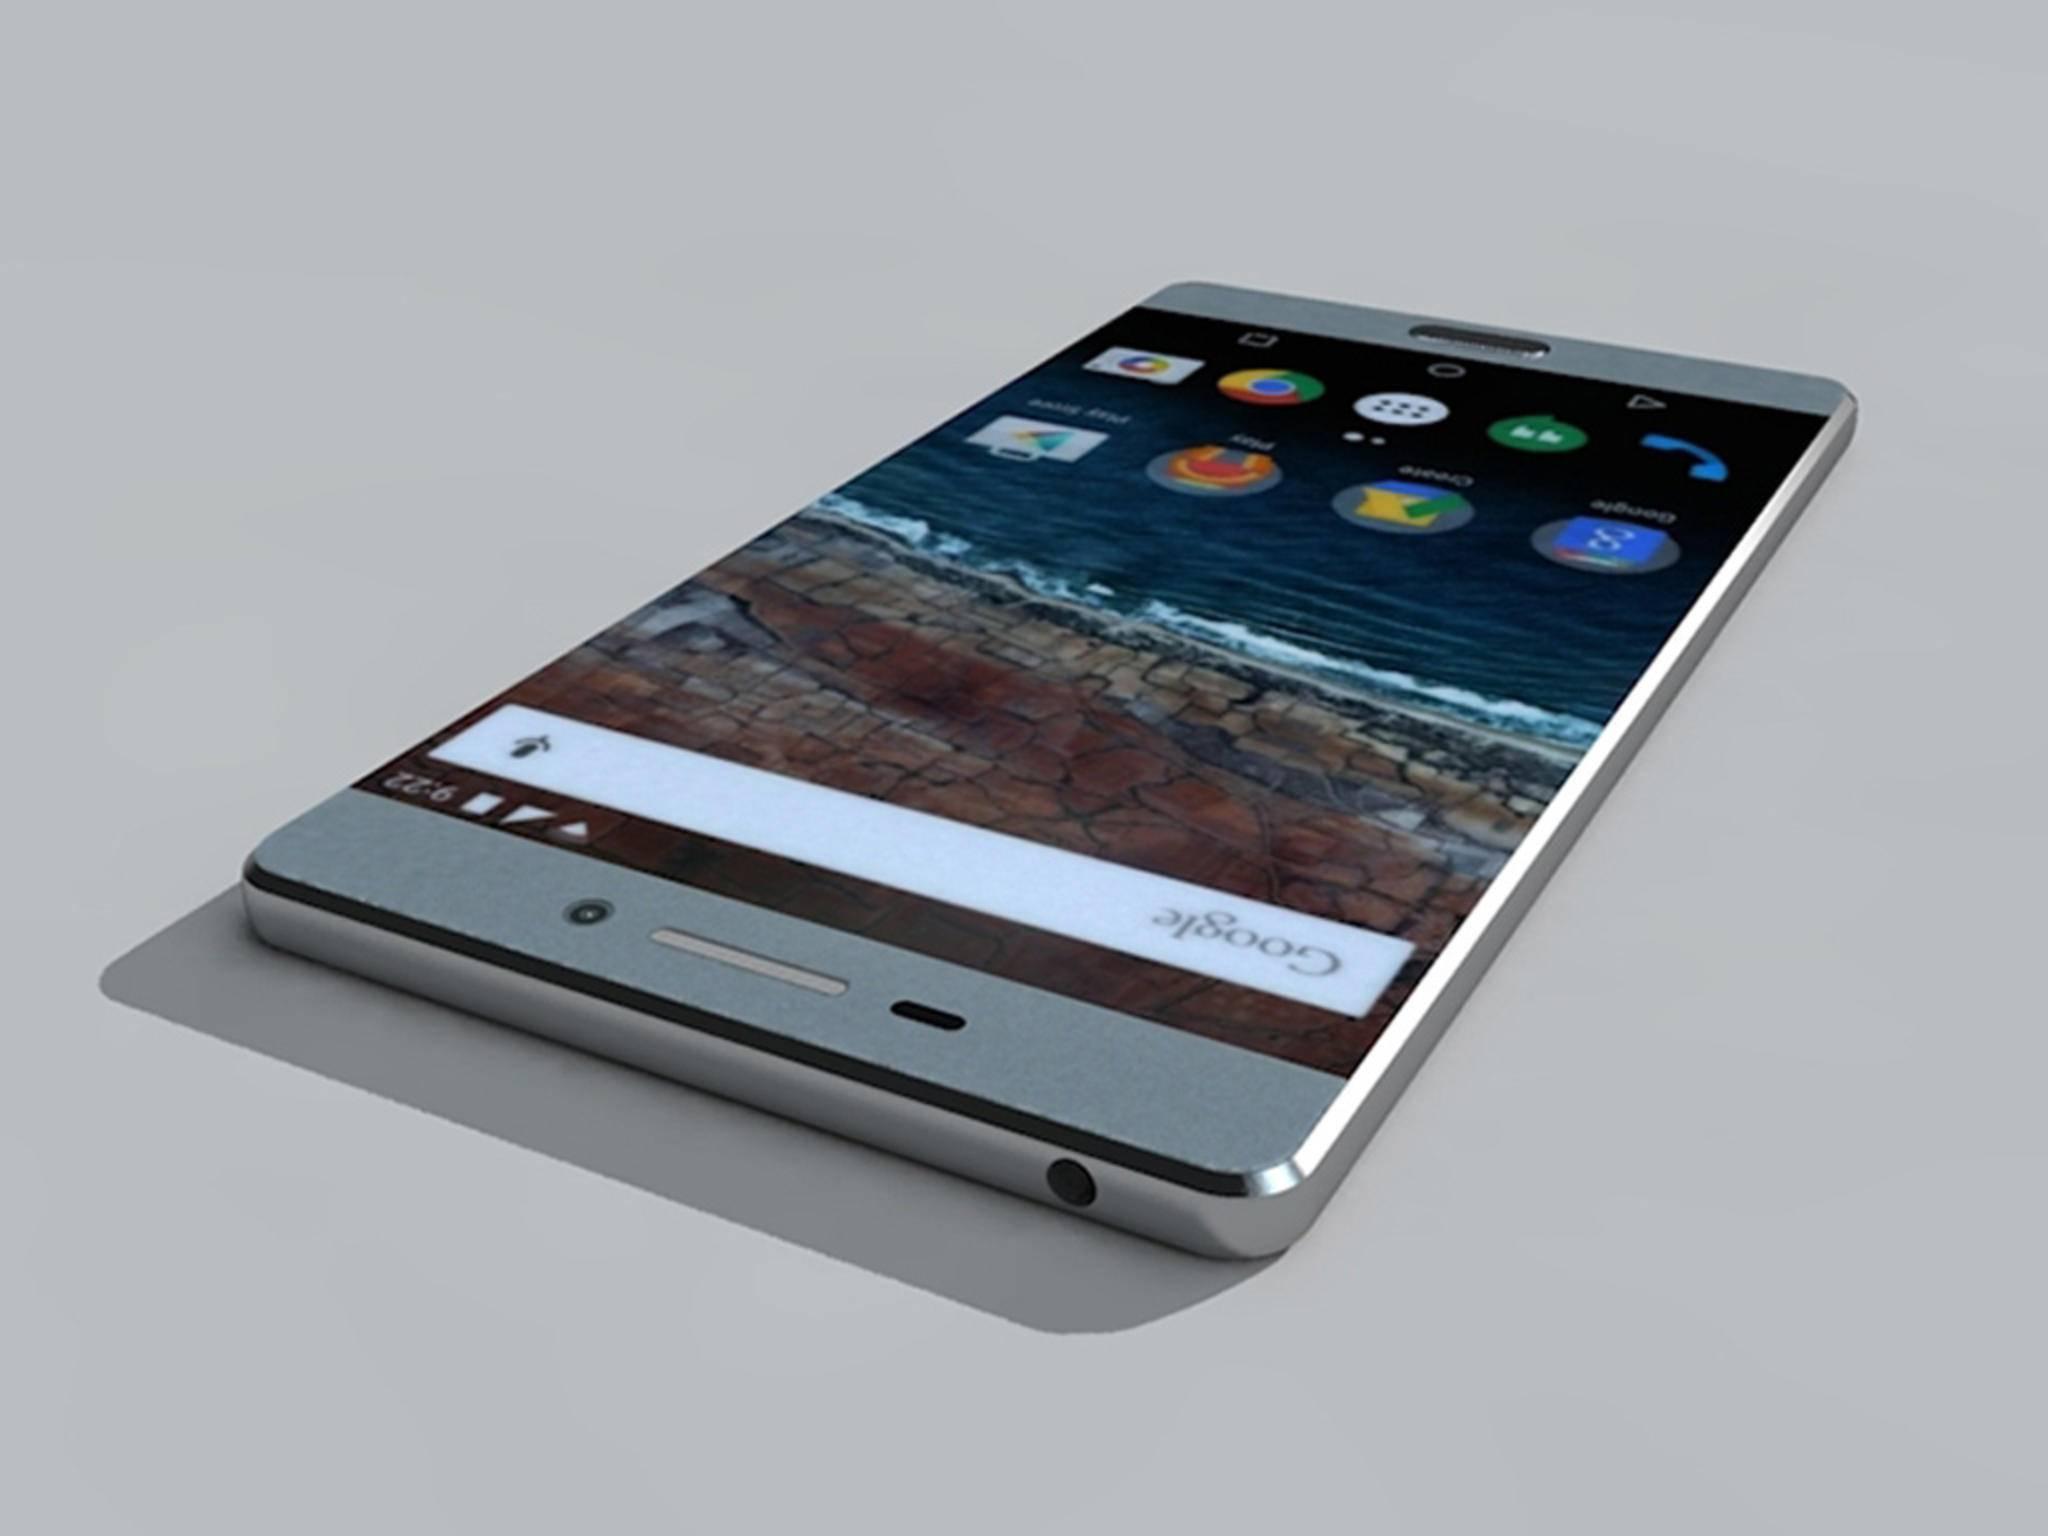 Angeblich werden das Nexus 5 und das Nexus 6 am 28. September vorgestellt.